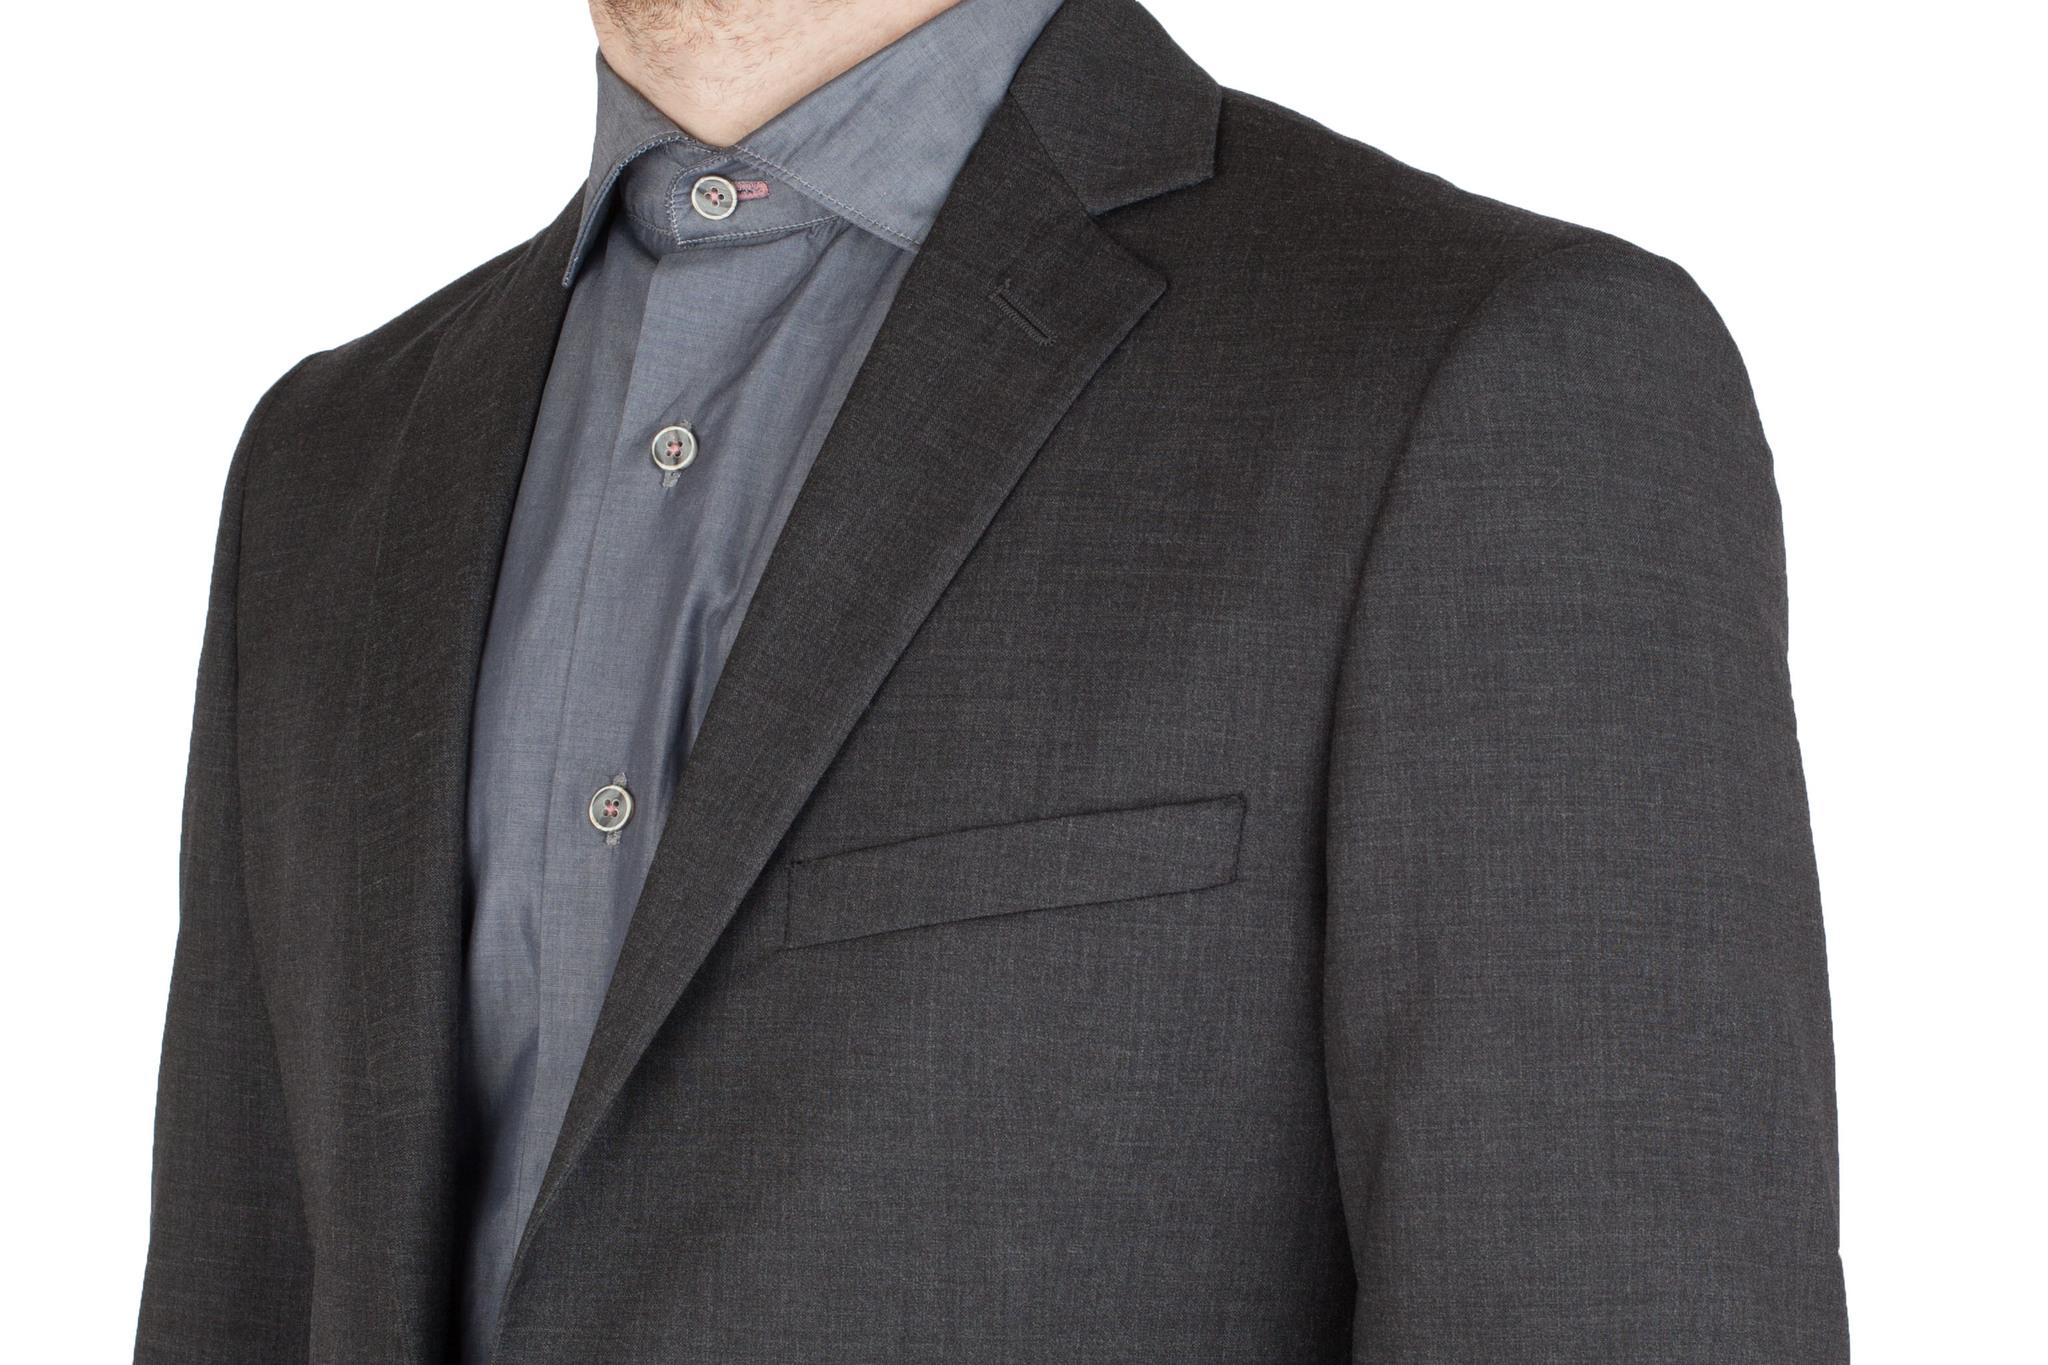 Тёмно-серый костюм из 100%-ной шерсти, нагрудный карман